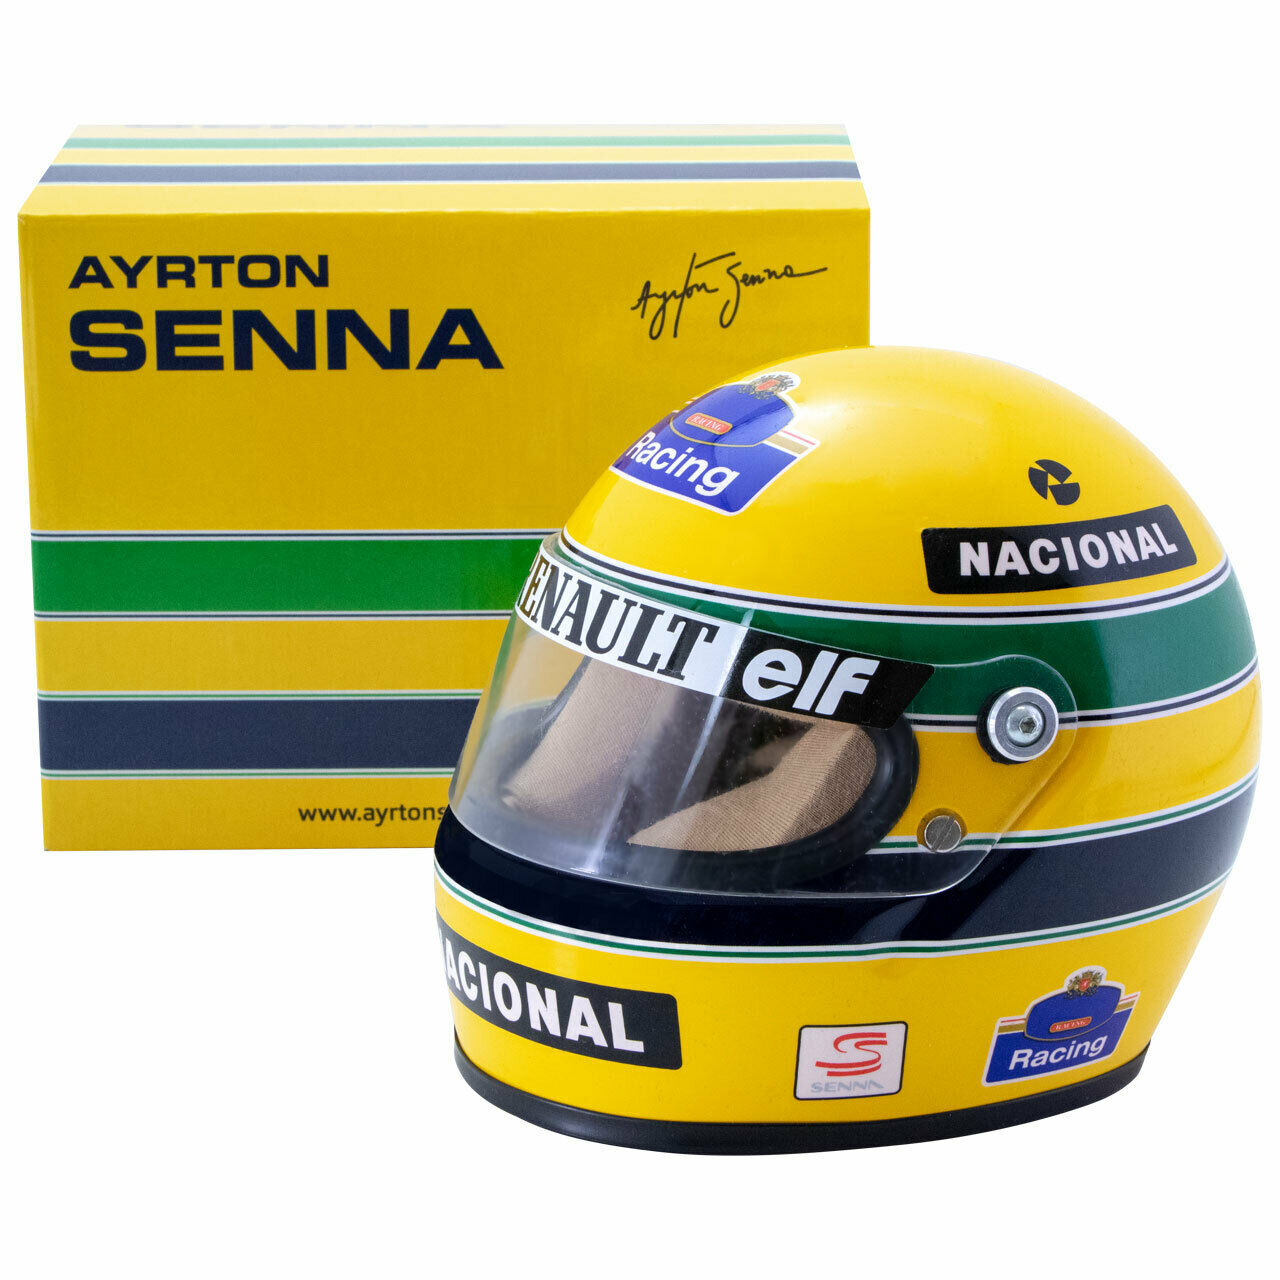 Tête casquée Miniature Casque Ayrton  Senna 1994 f1 World Champion Half Scale 1 2 nouveau neuf dans sa boîte  vente en ligne